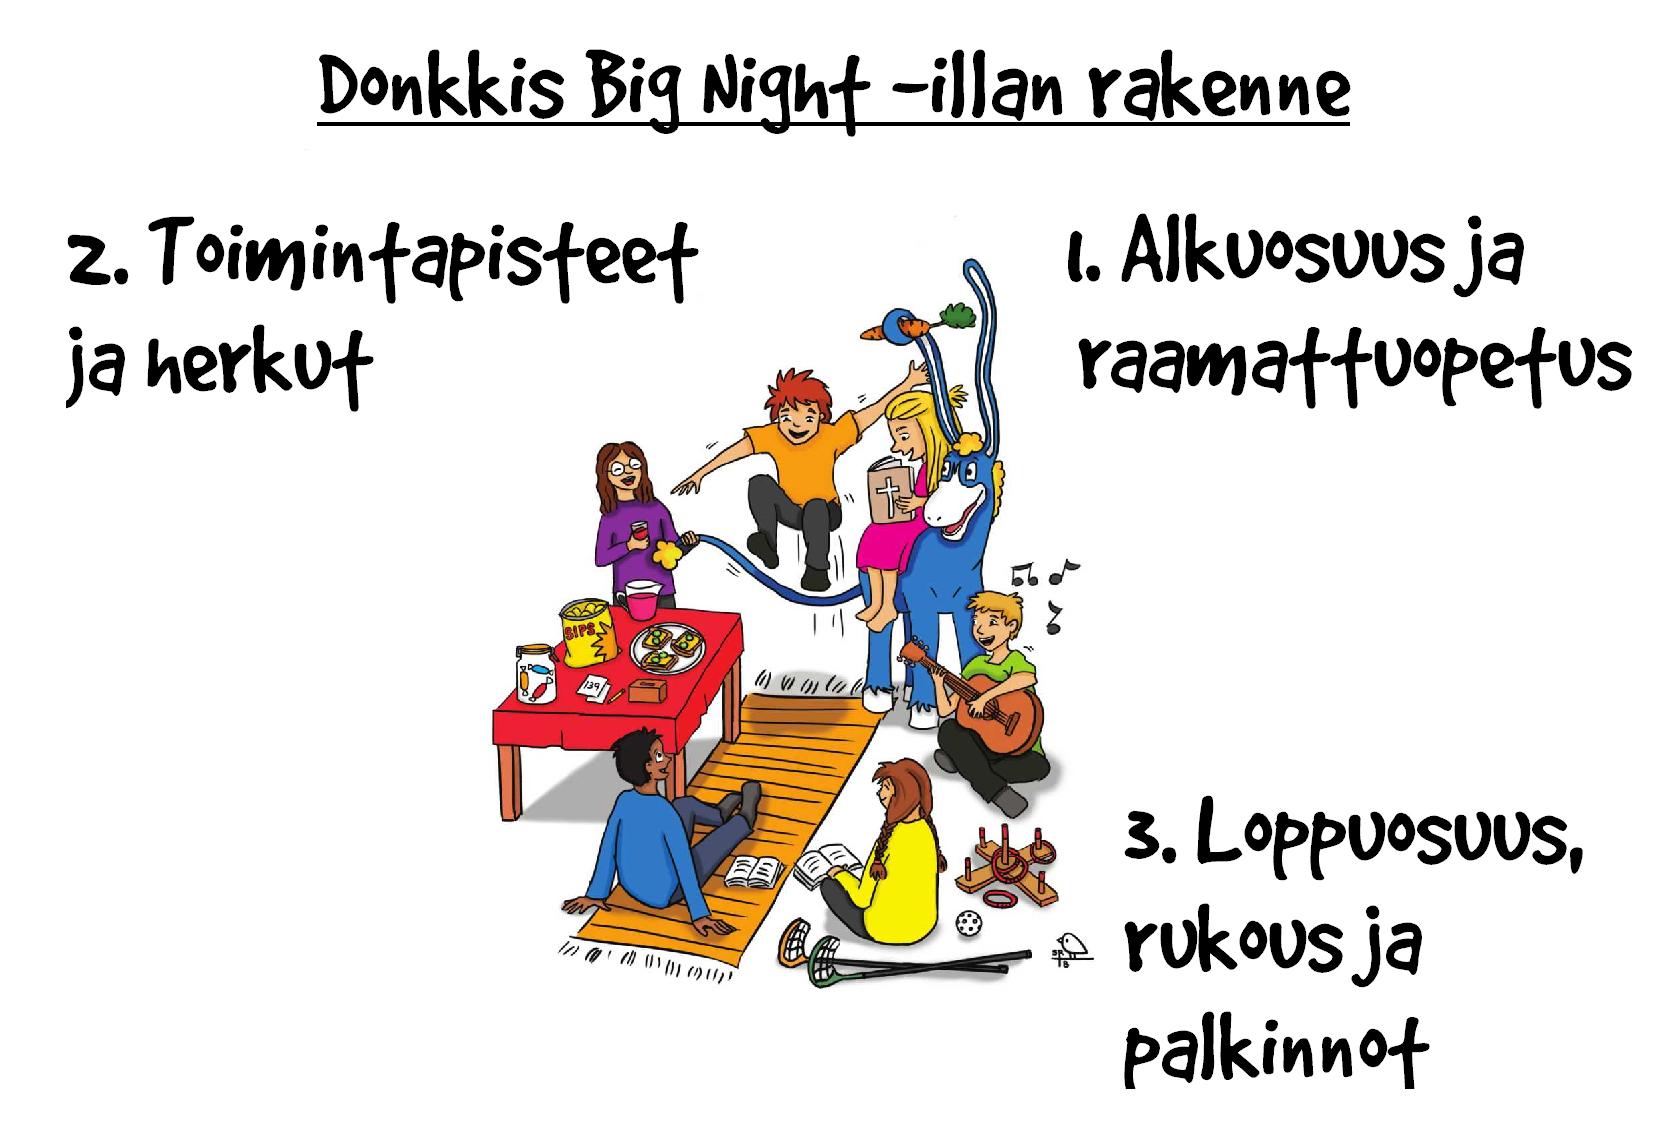 Kuvassa Donkkis Big Night -illan rakenne.